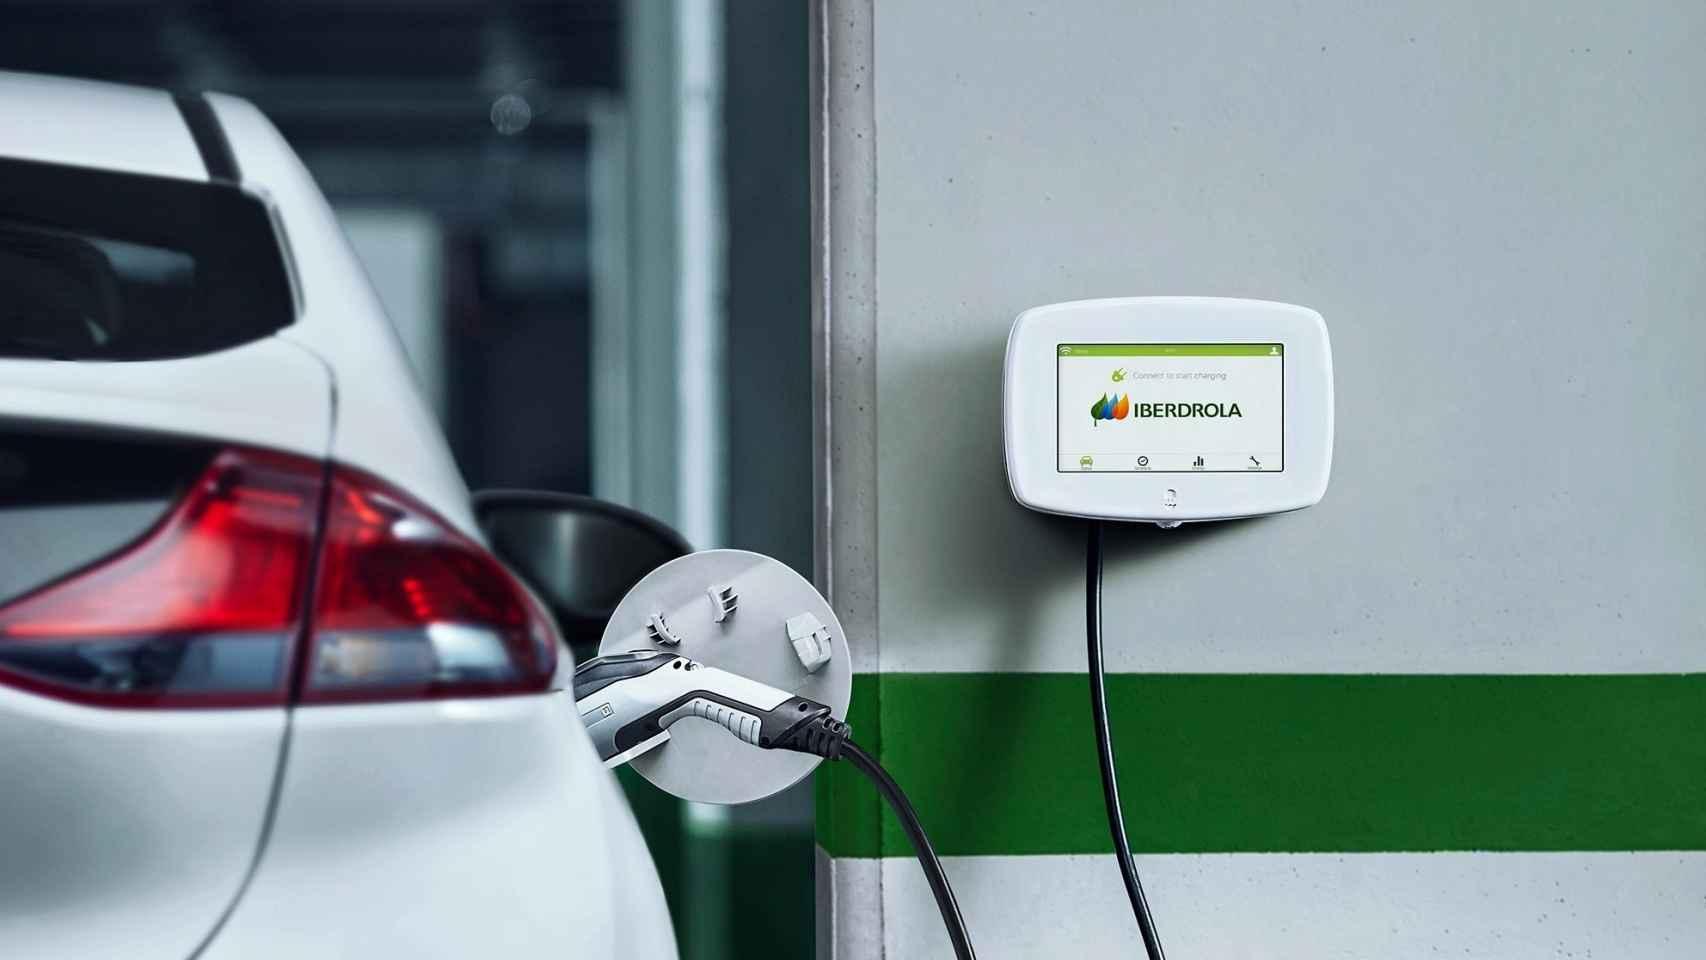 Un sistema de carga de vehículos eléctricos de Iberdrola.